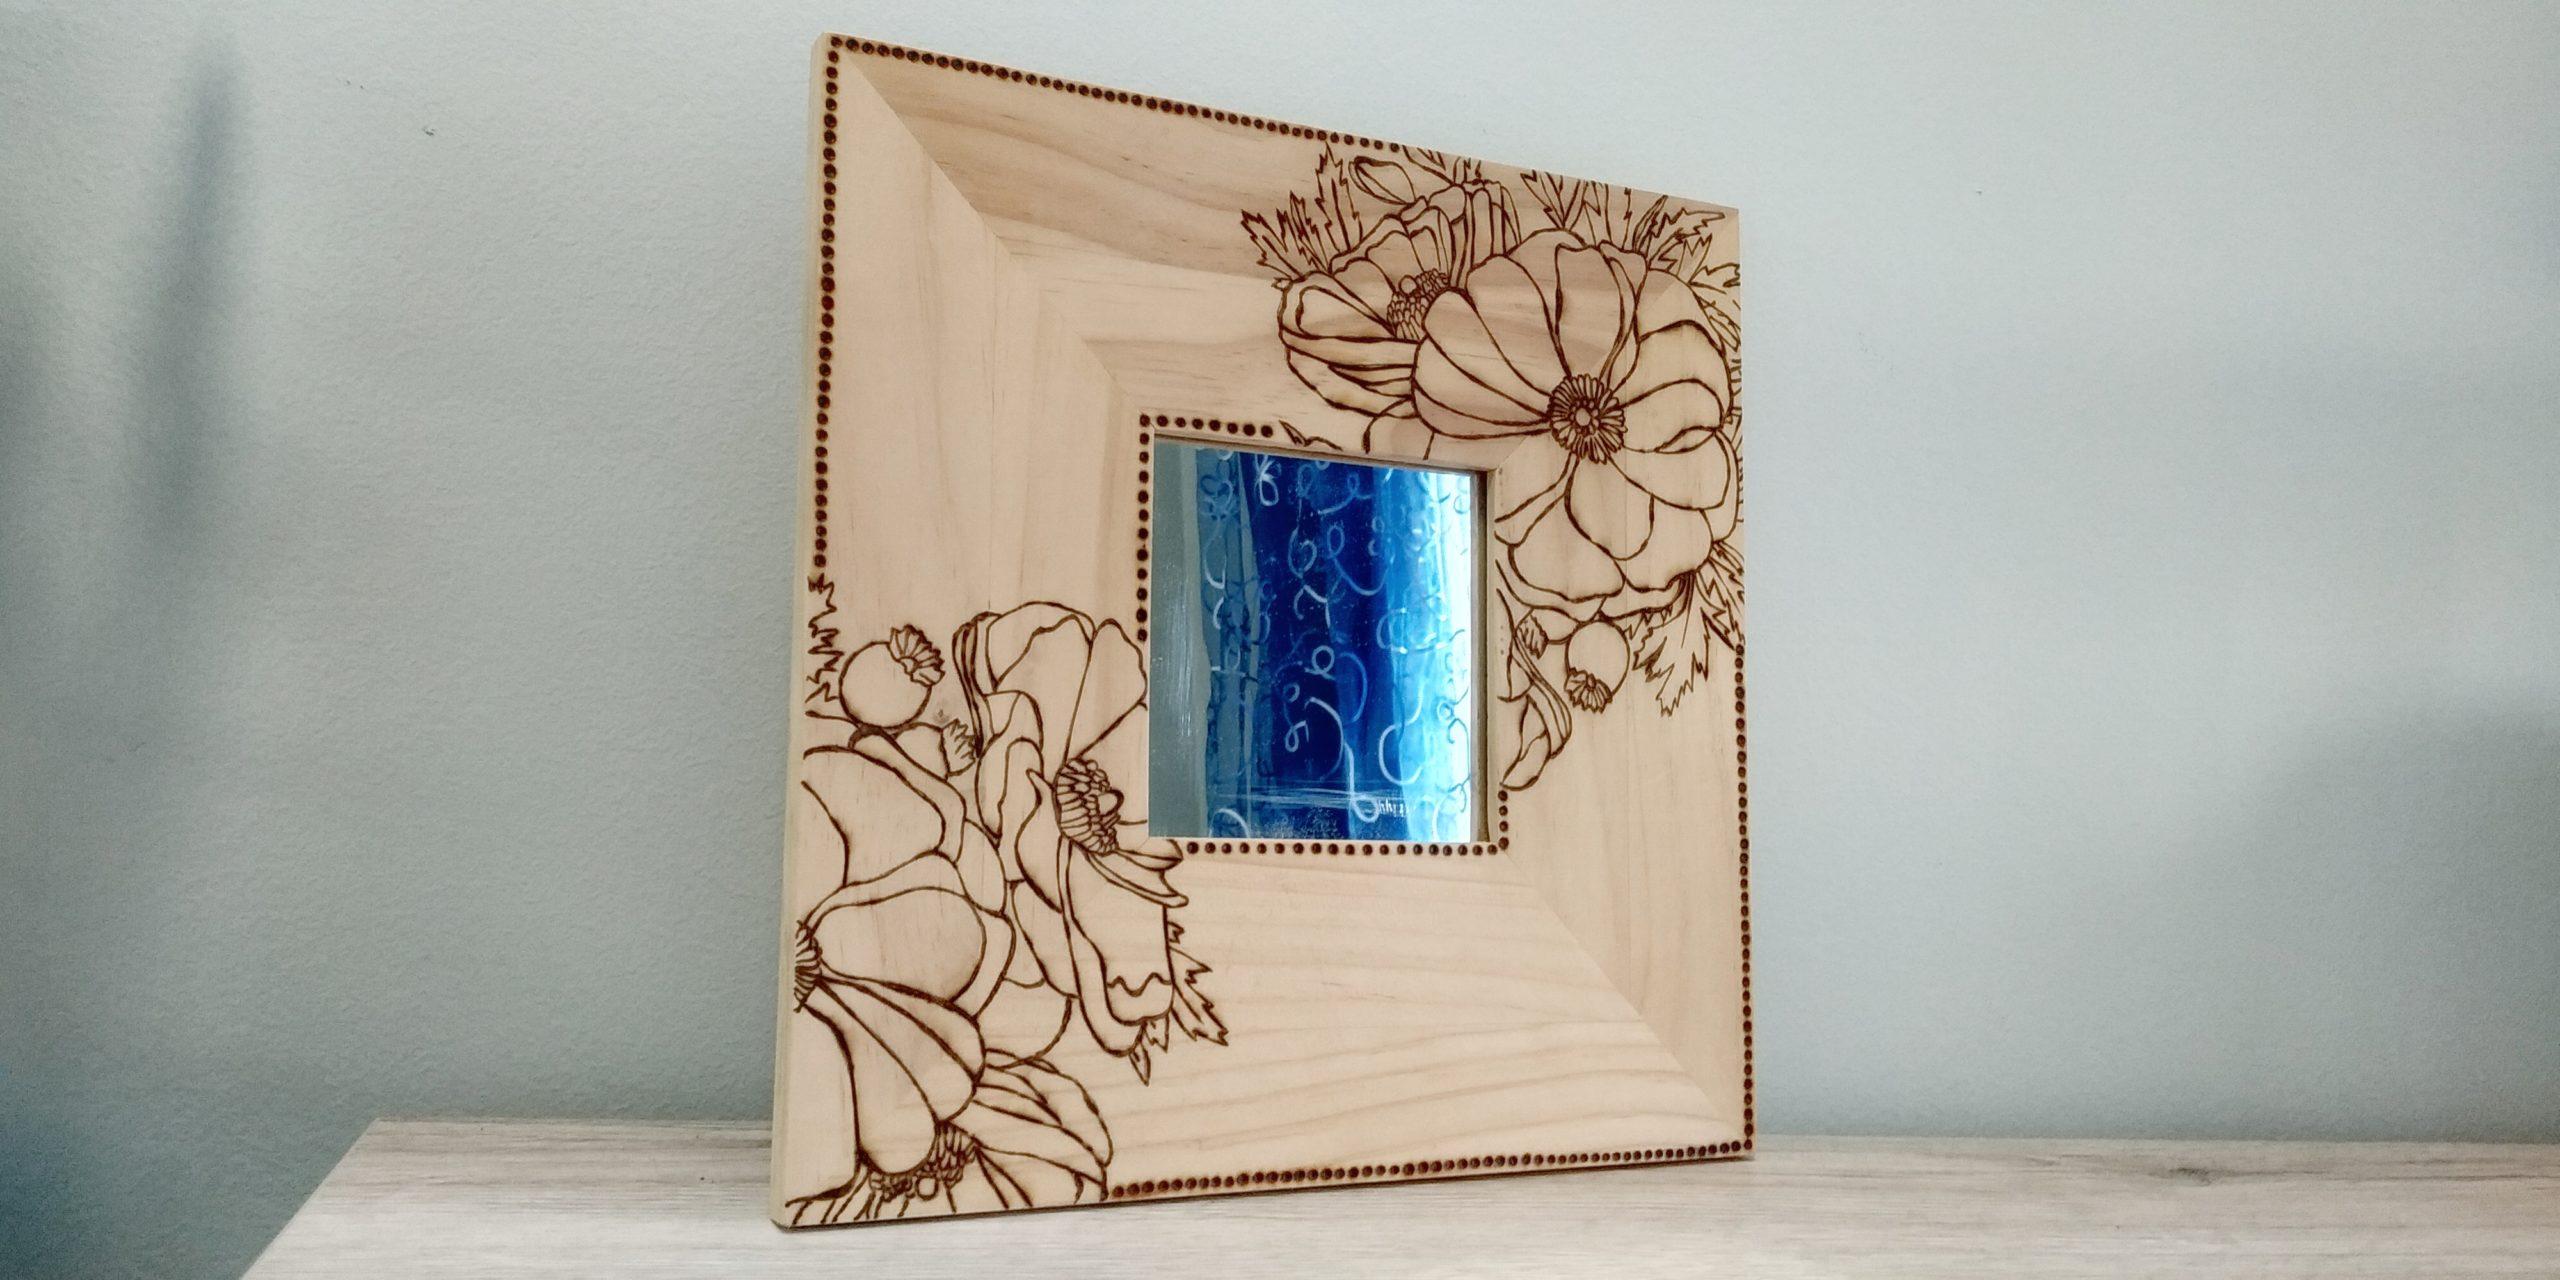 Specchio quadrato con papaveri pirografati.